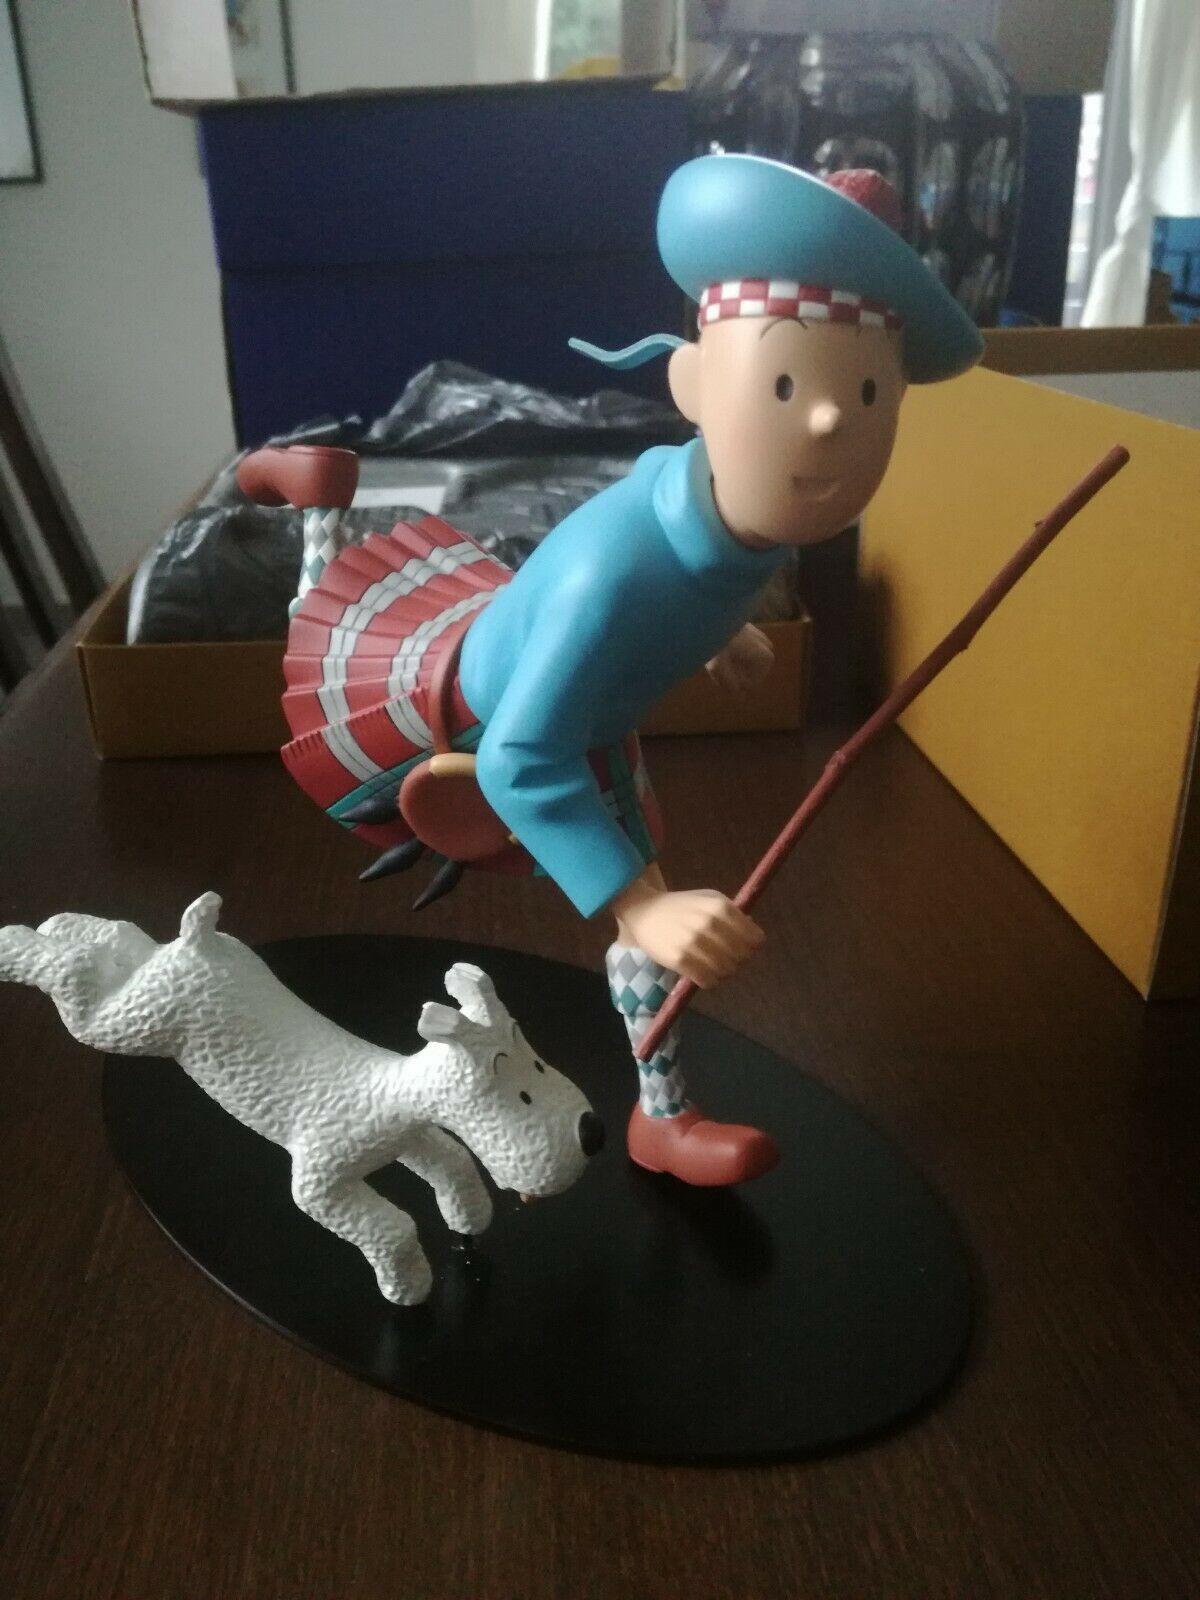 Tintin Ecossais et Milou figurine Leblon Aroutcheff. No Pixi . Etat neuf